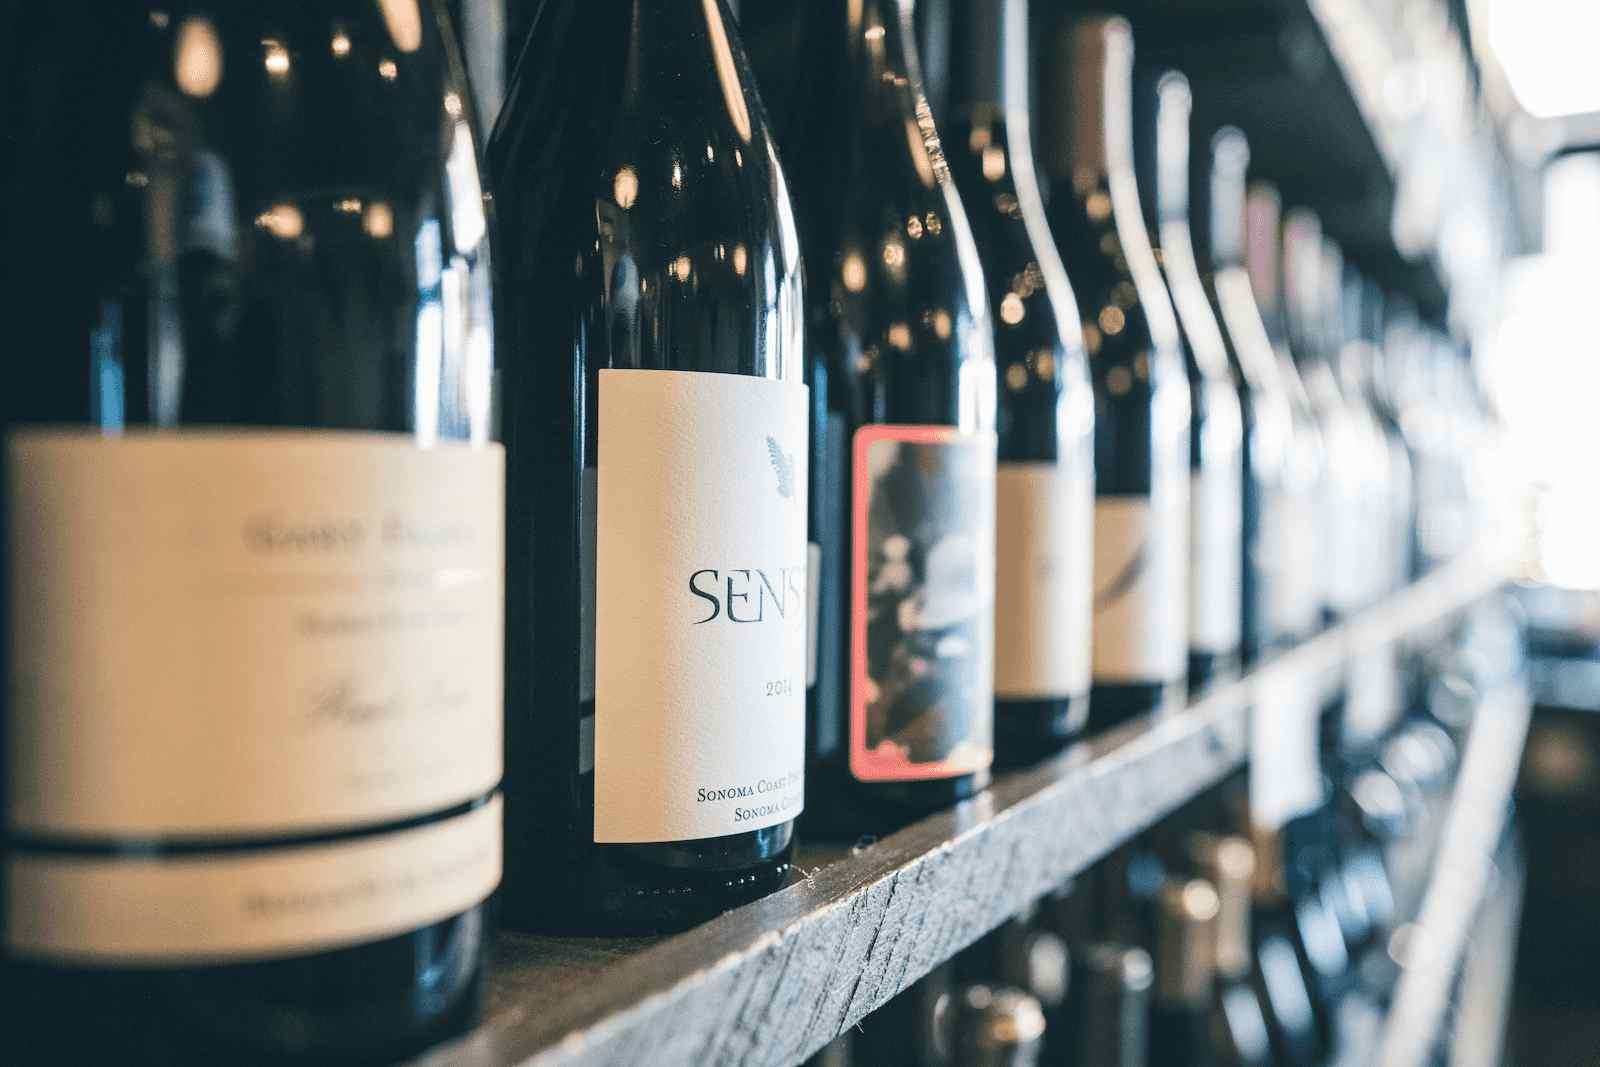 diferentes tipos de vinho em uma prateleira